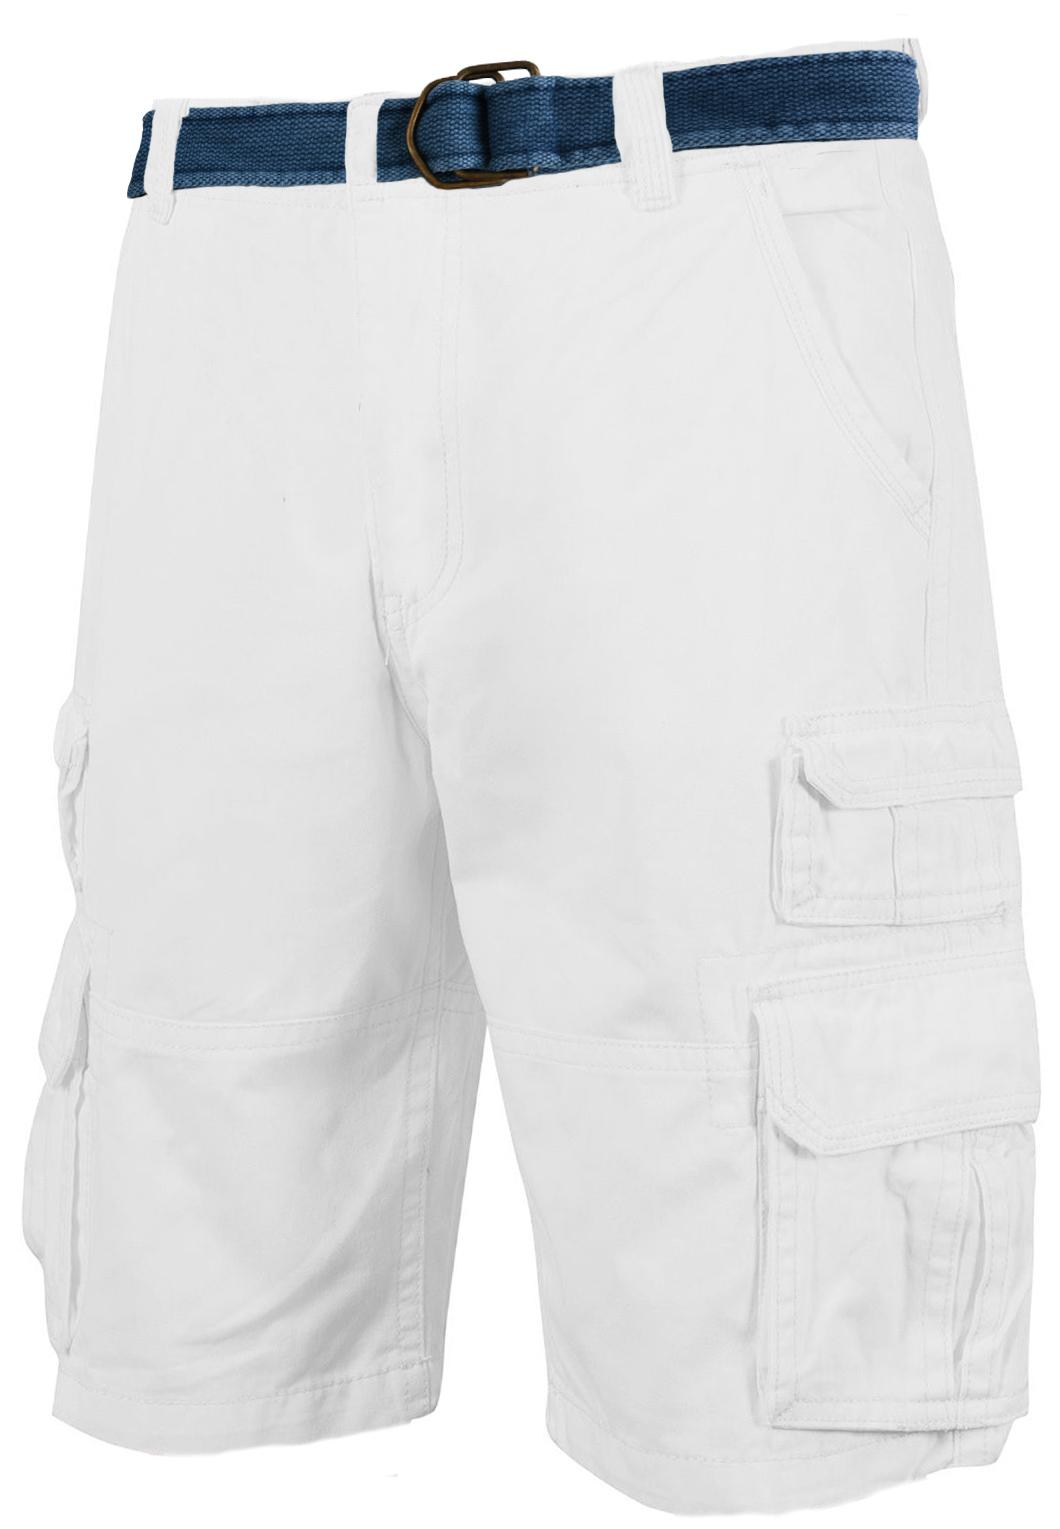 Белые шорты с ремнем - купить в интернет-магазине